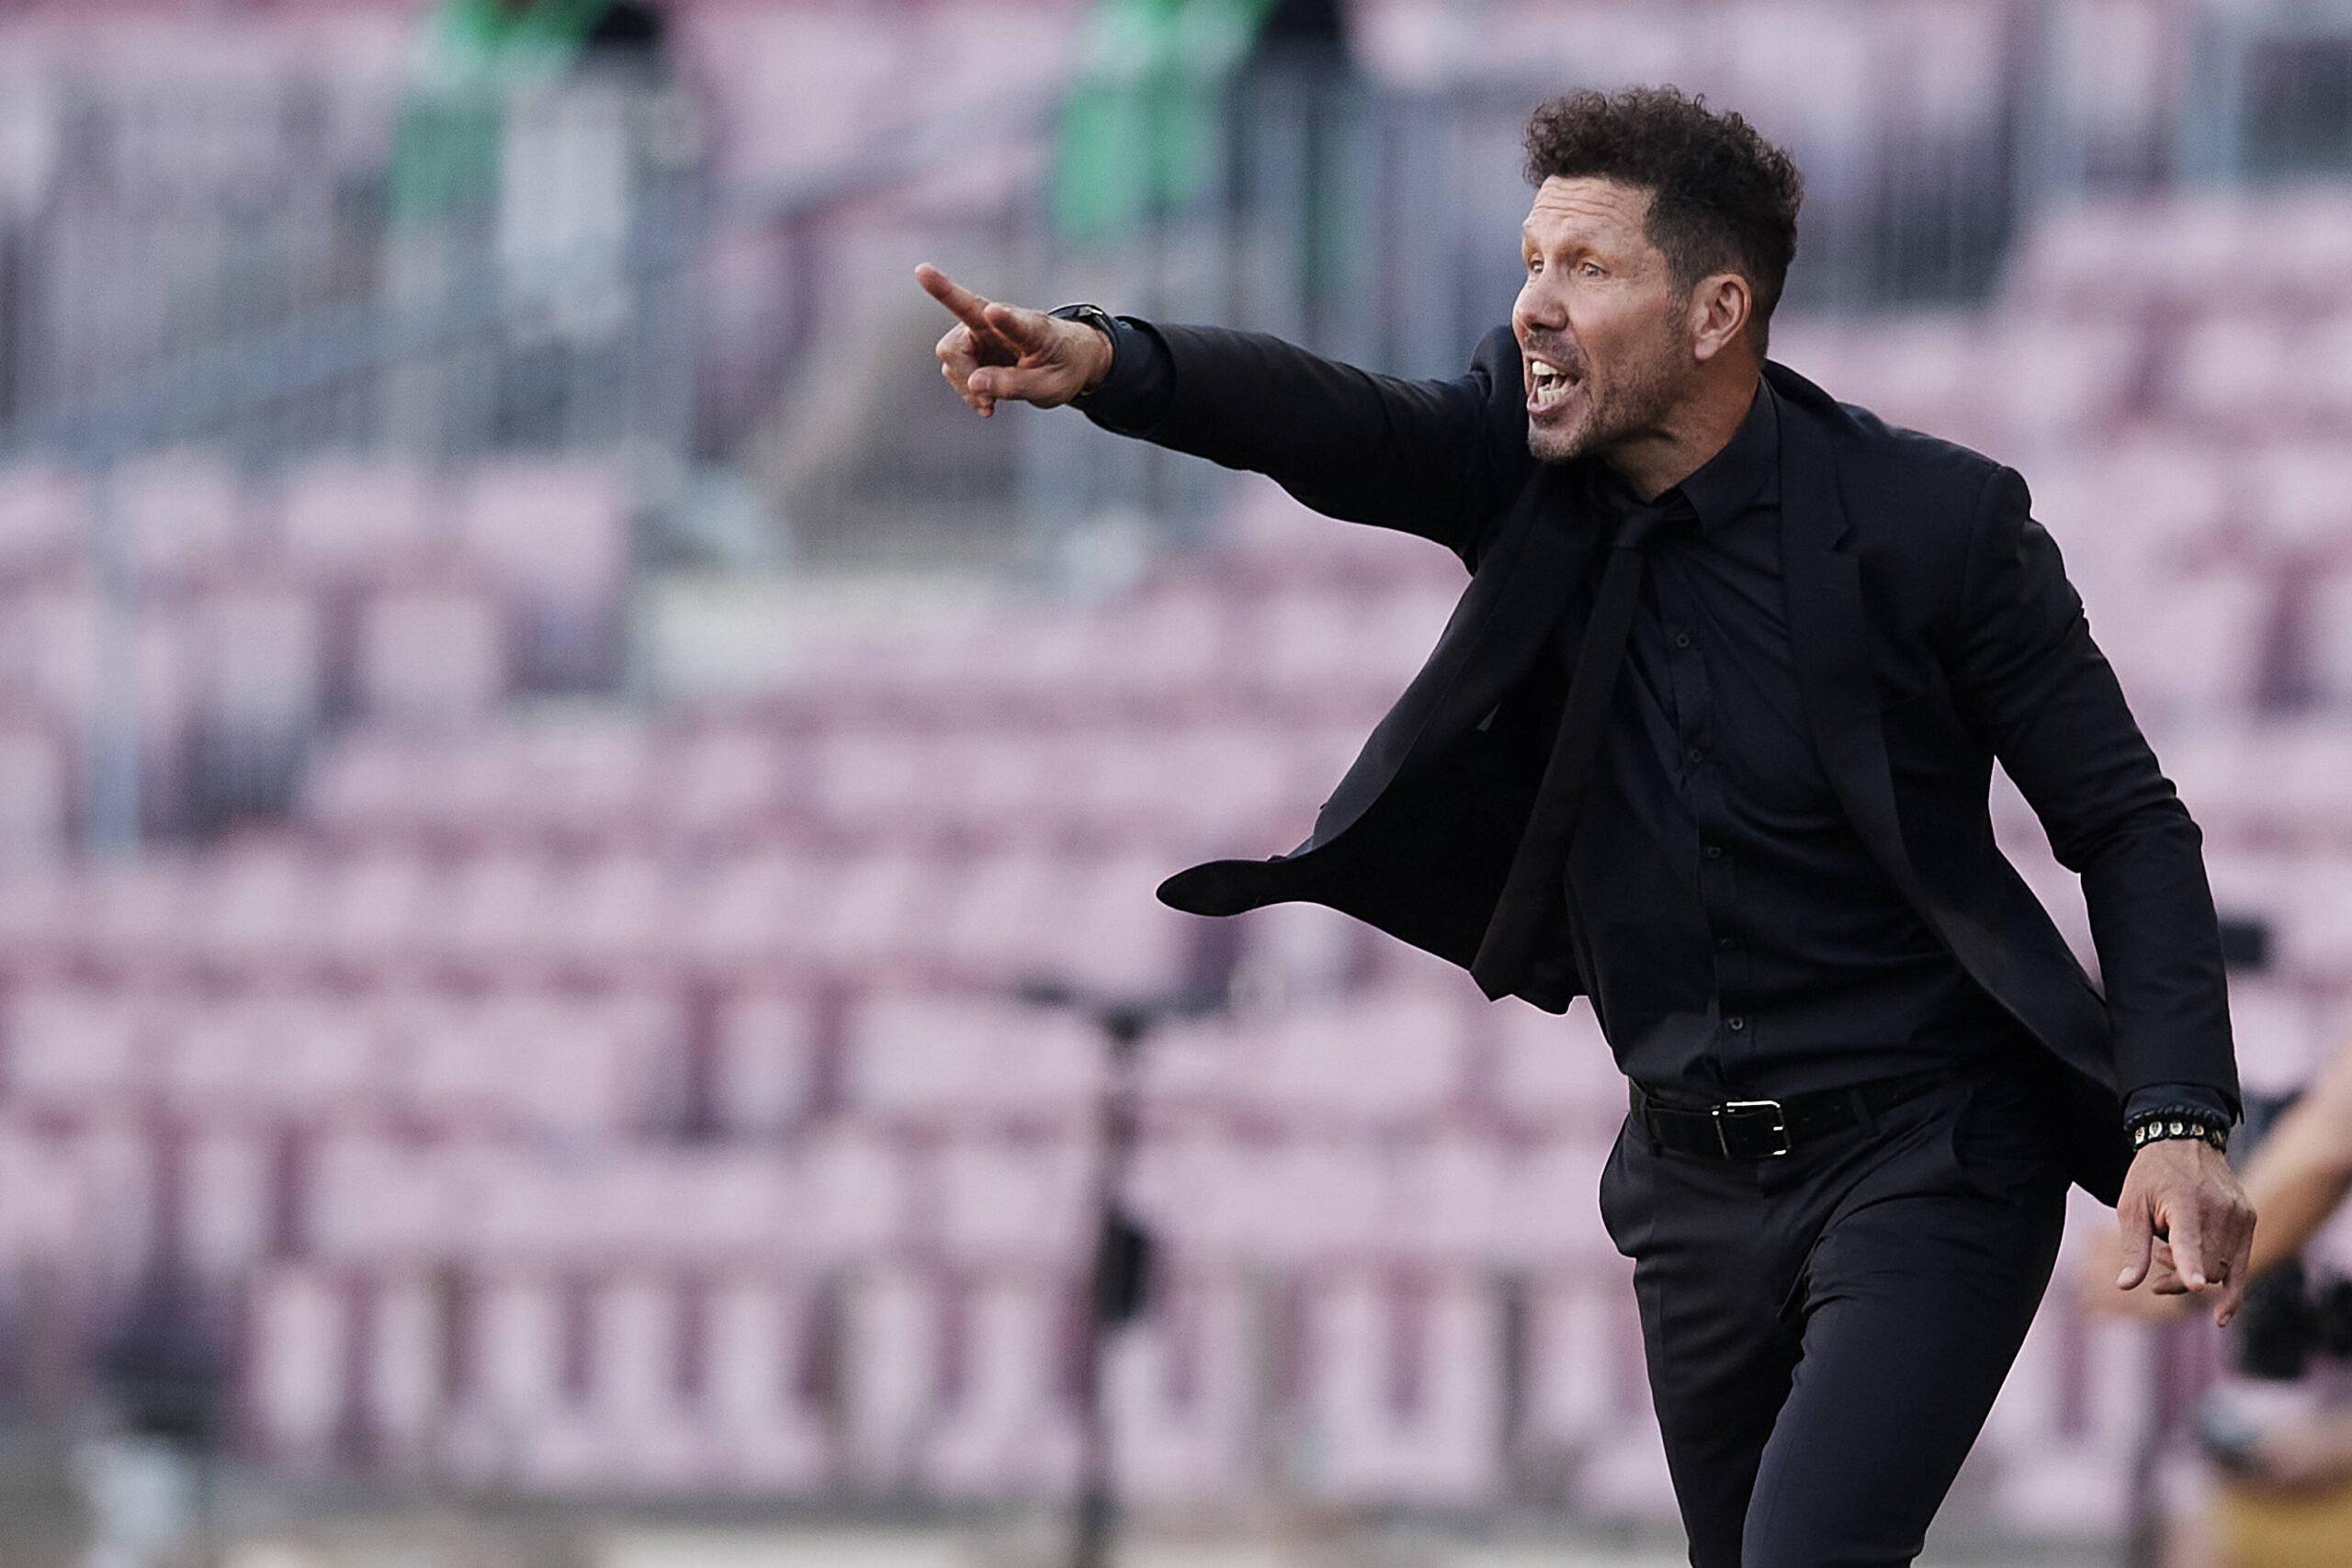 VIDEO: Tremendo zas de Simeone a un periodista de Marca